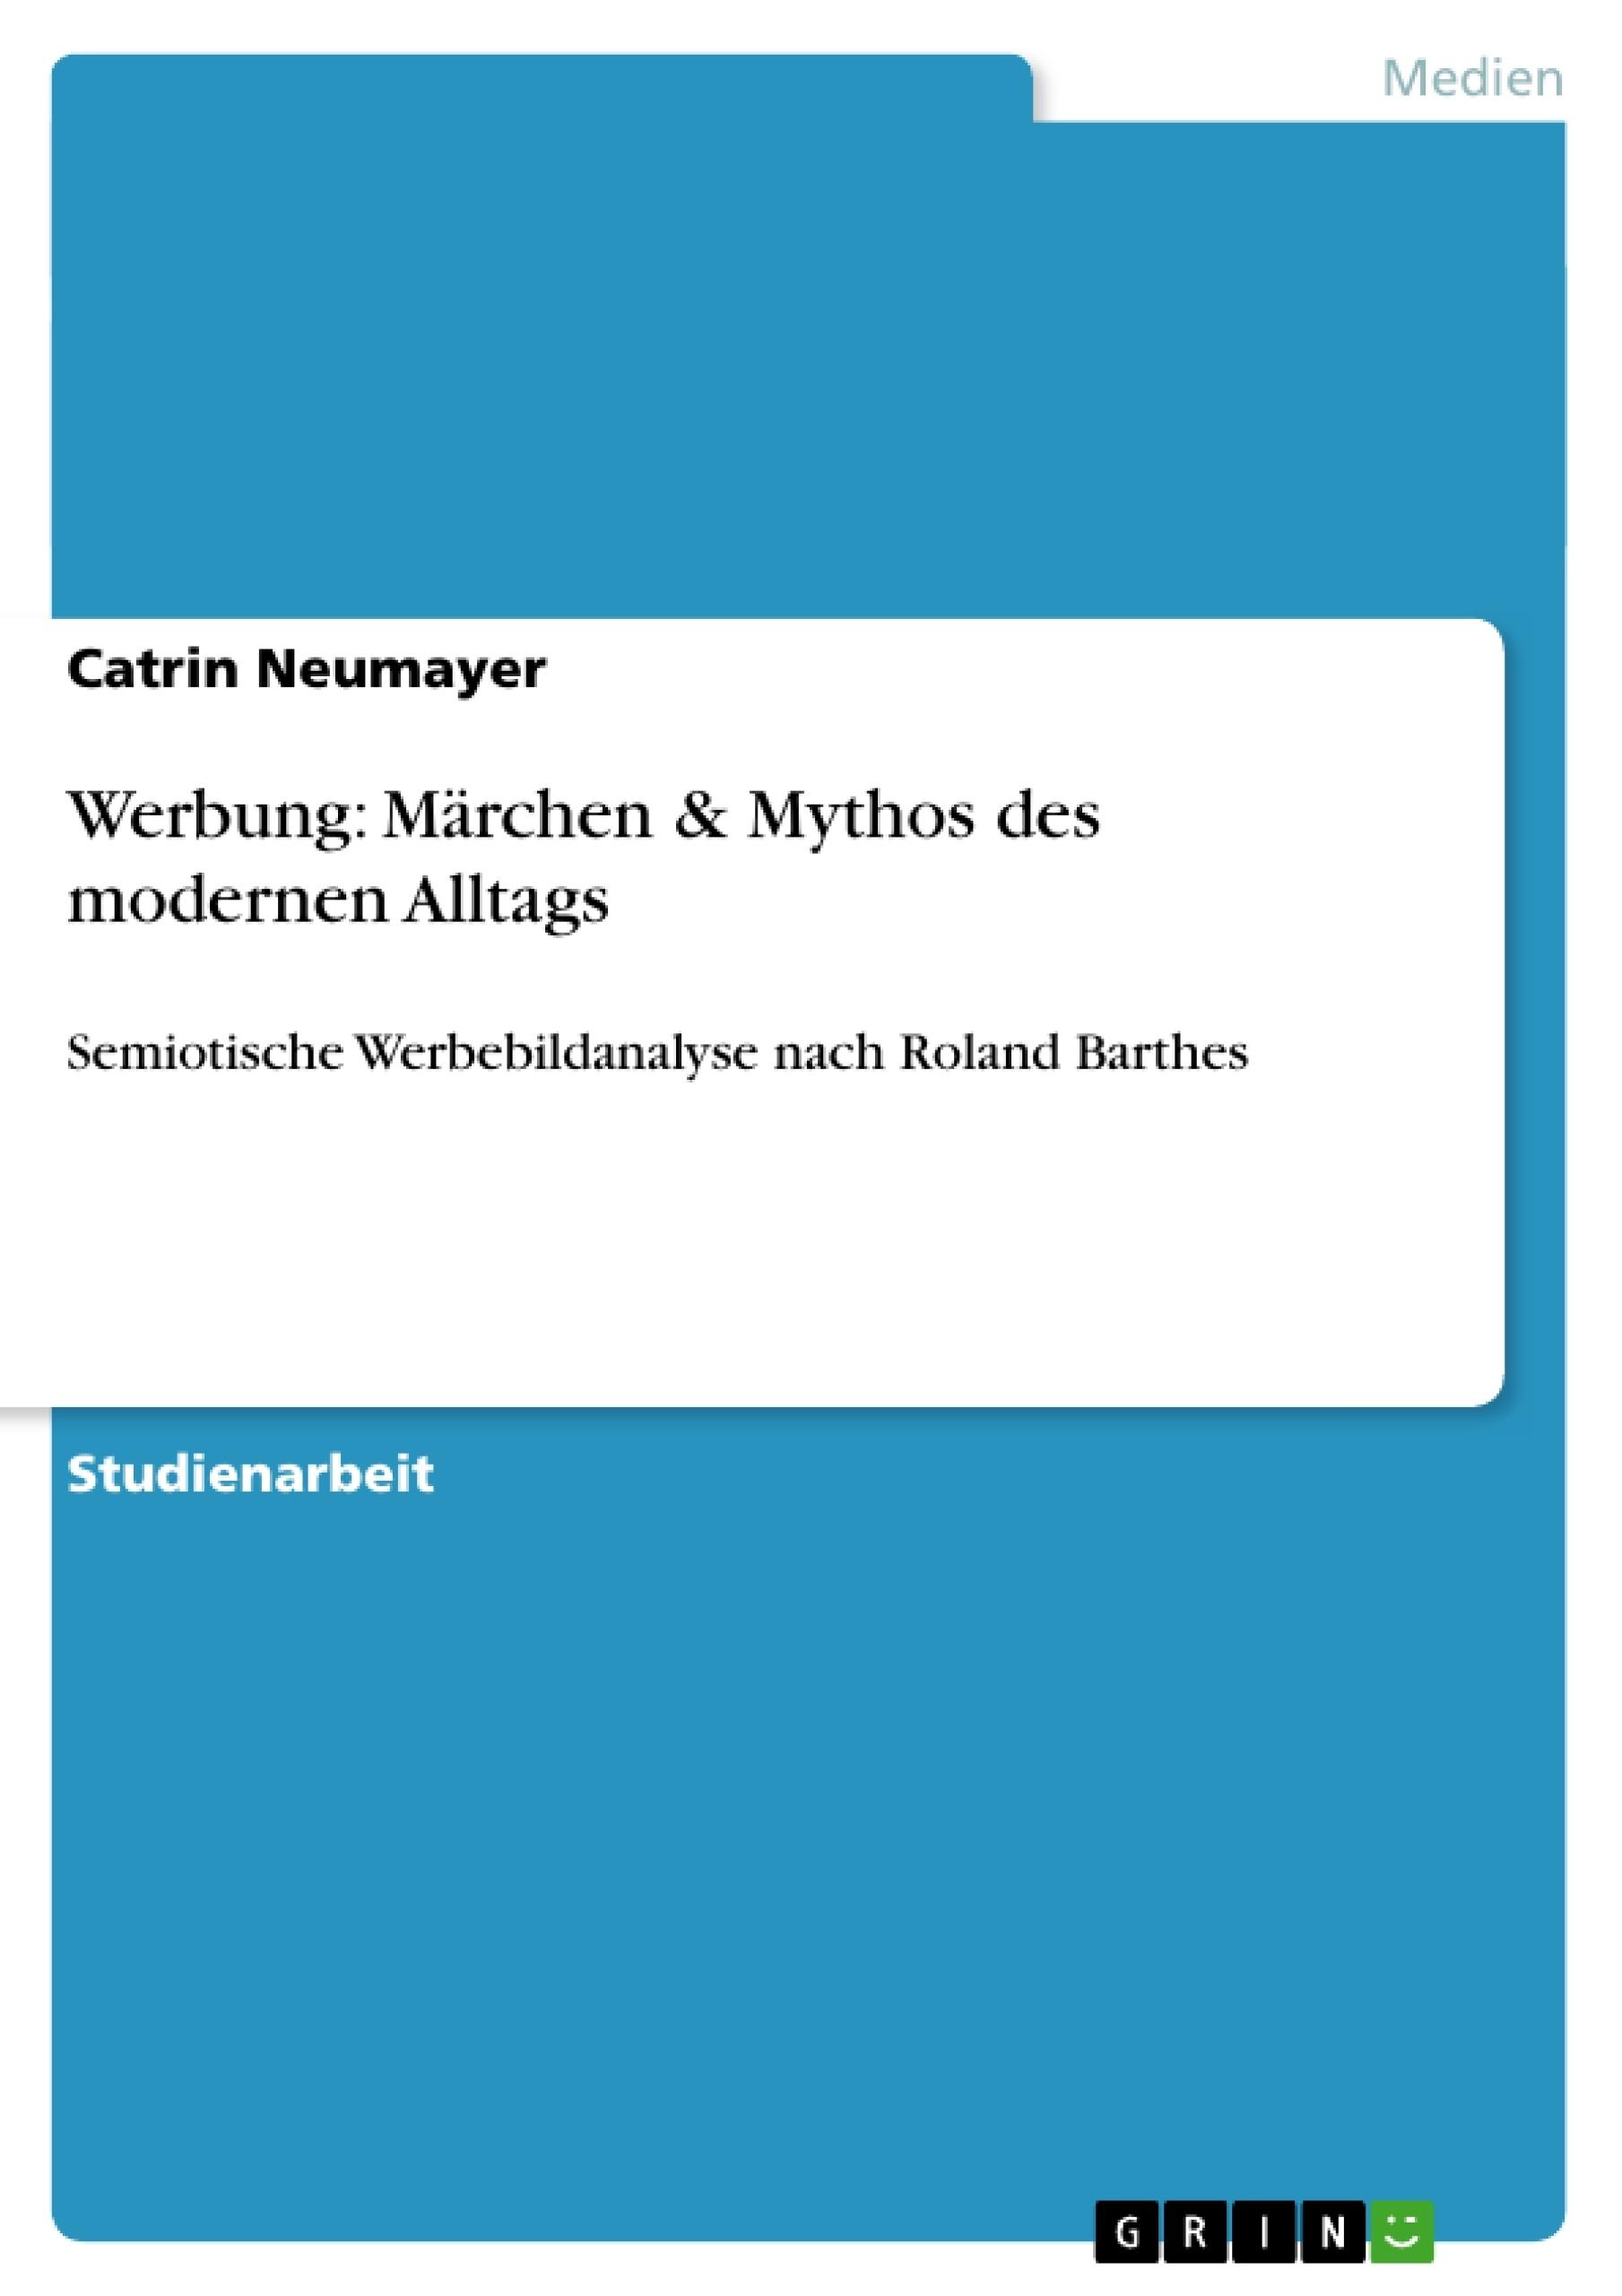 Titel: Werbung: Märchen & Mythos des modernen Alltags